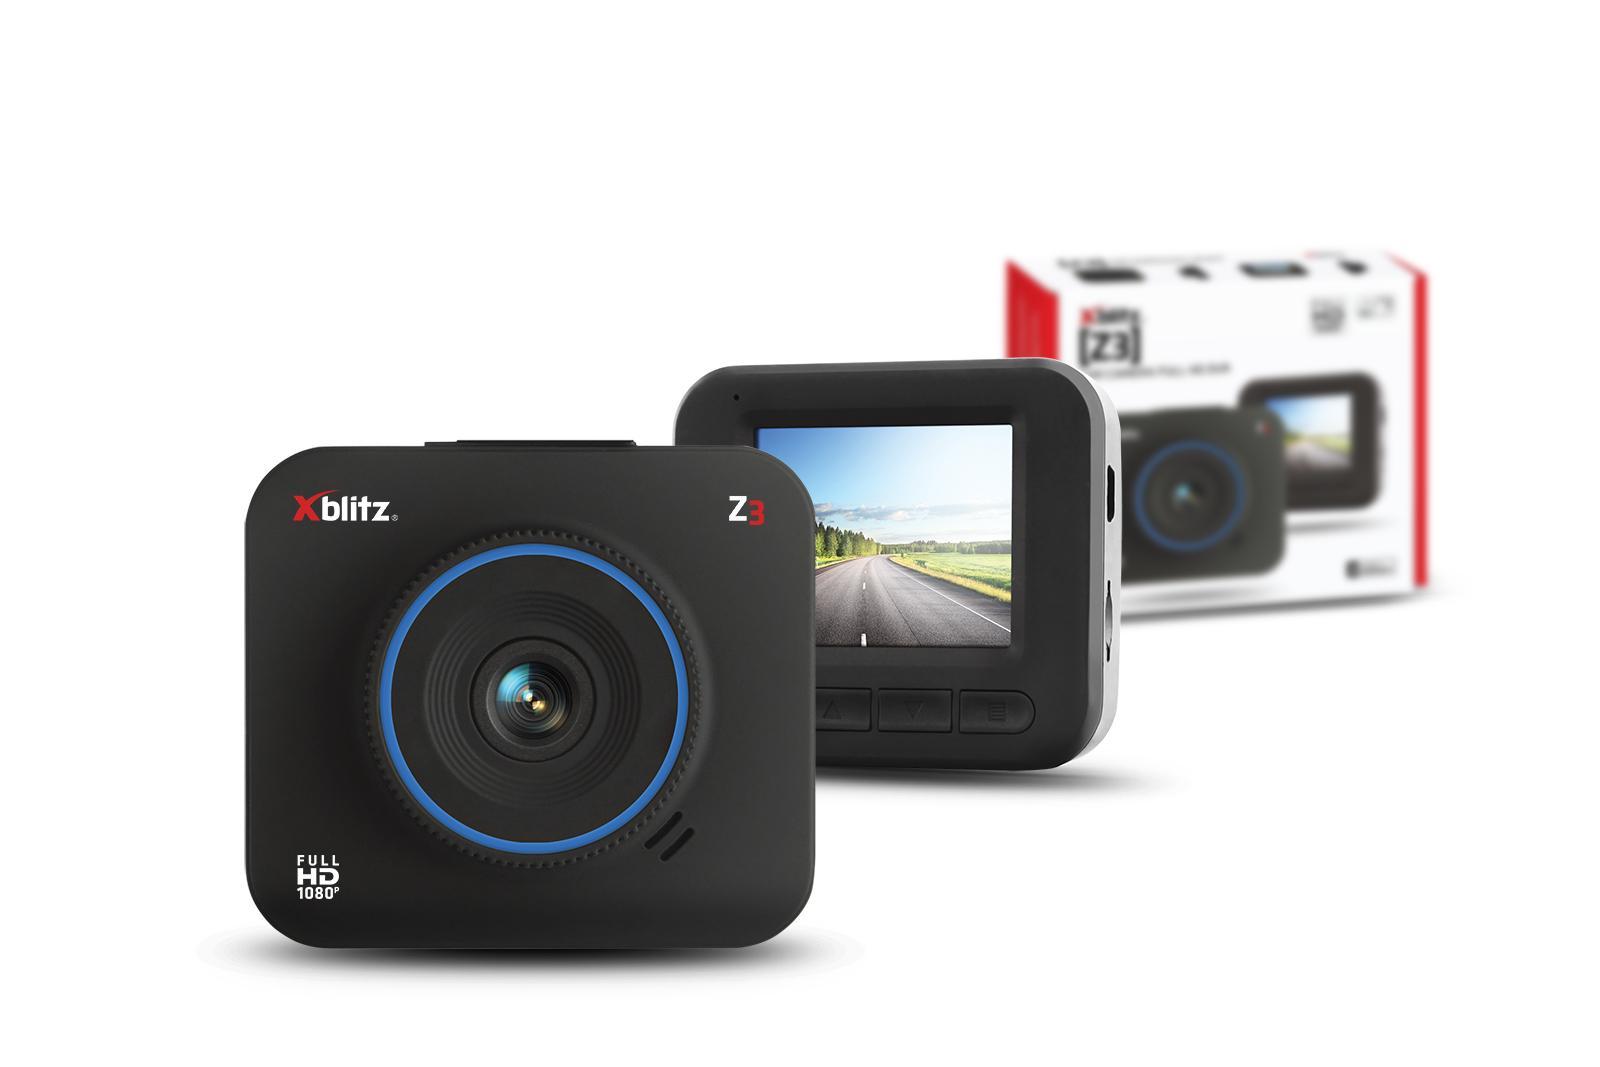 Dash cam XBLITZ Z3 expert knowledge